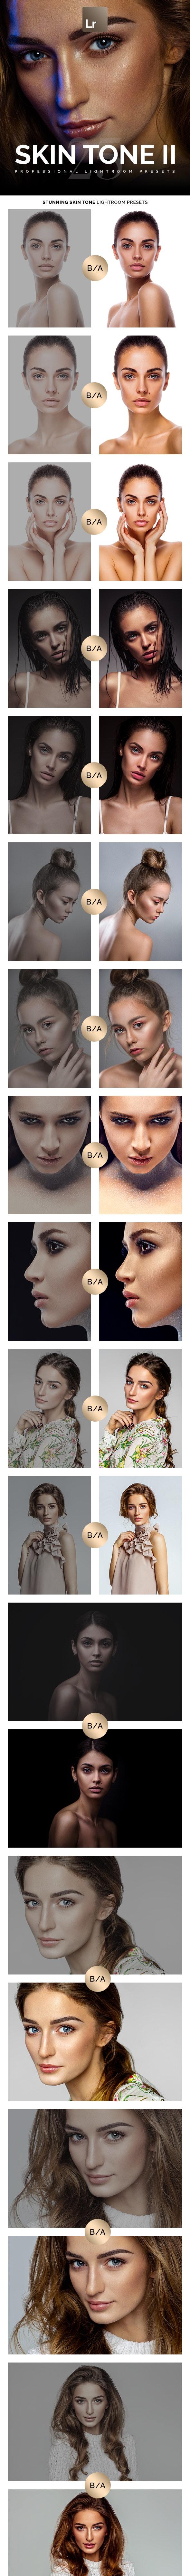 Professional Skin Tone II Lightroom Presets - Portrait Lightroom Presets